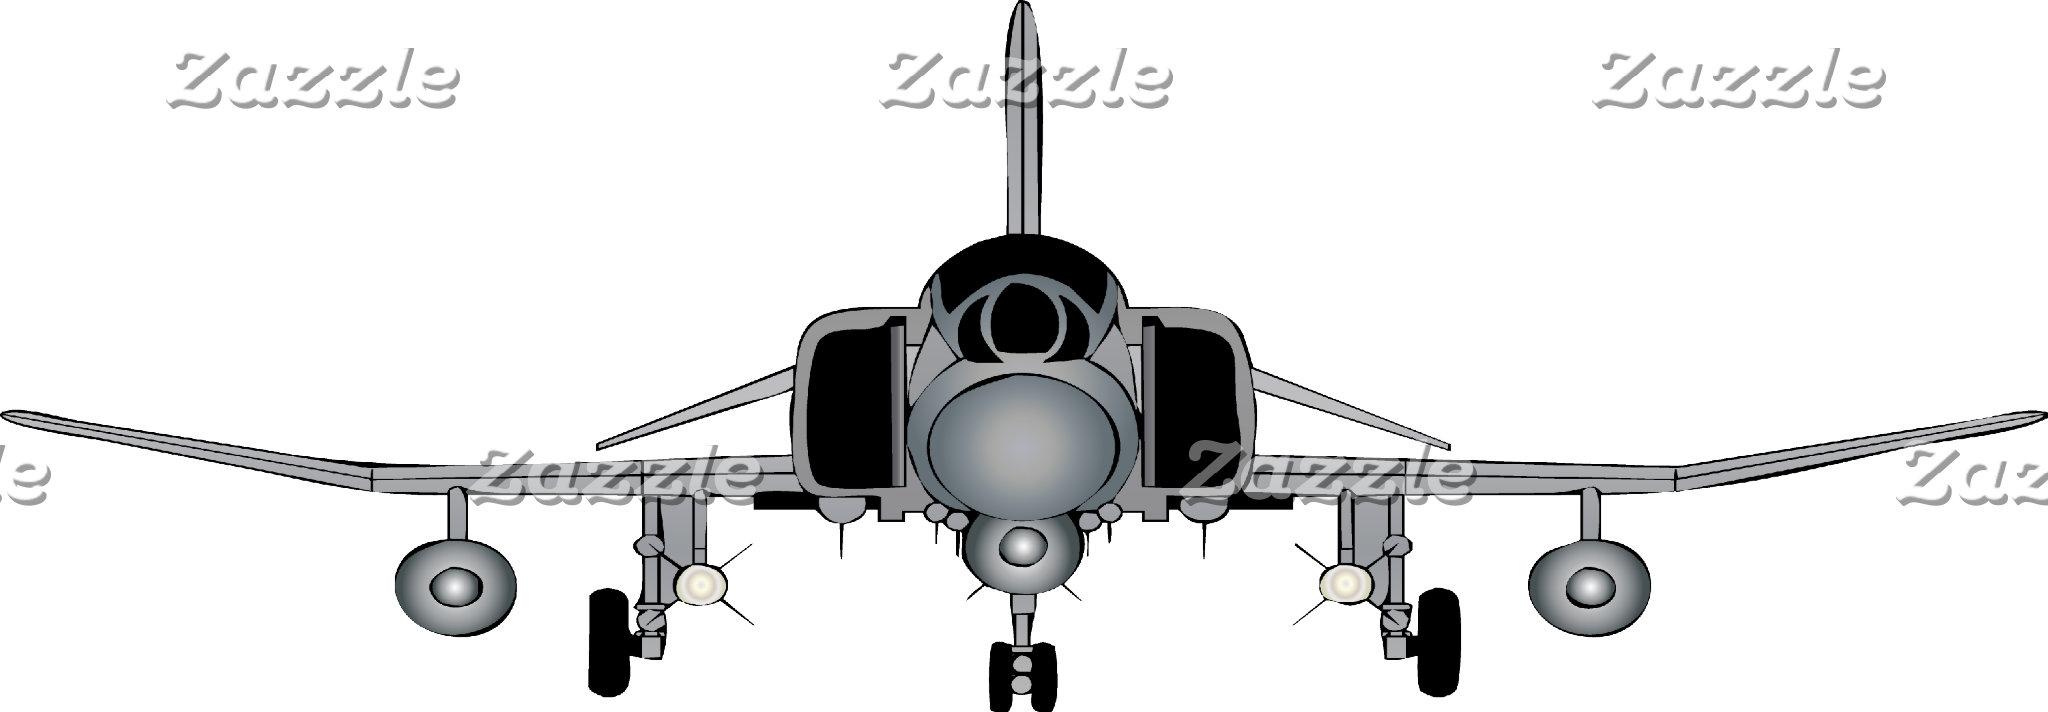 Aircraft Drawing Gifts